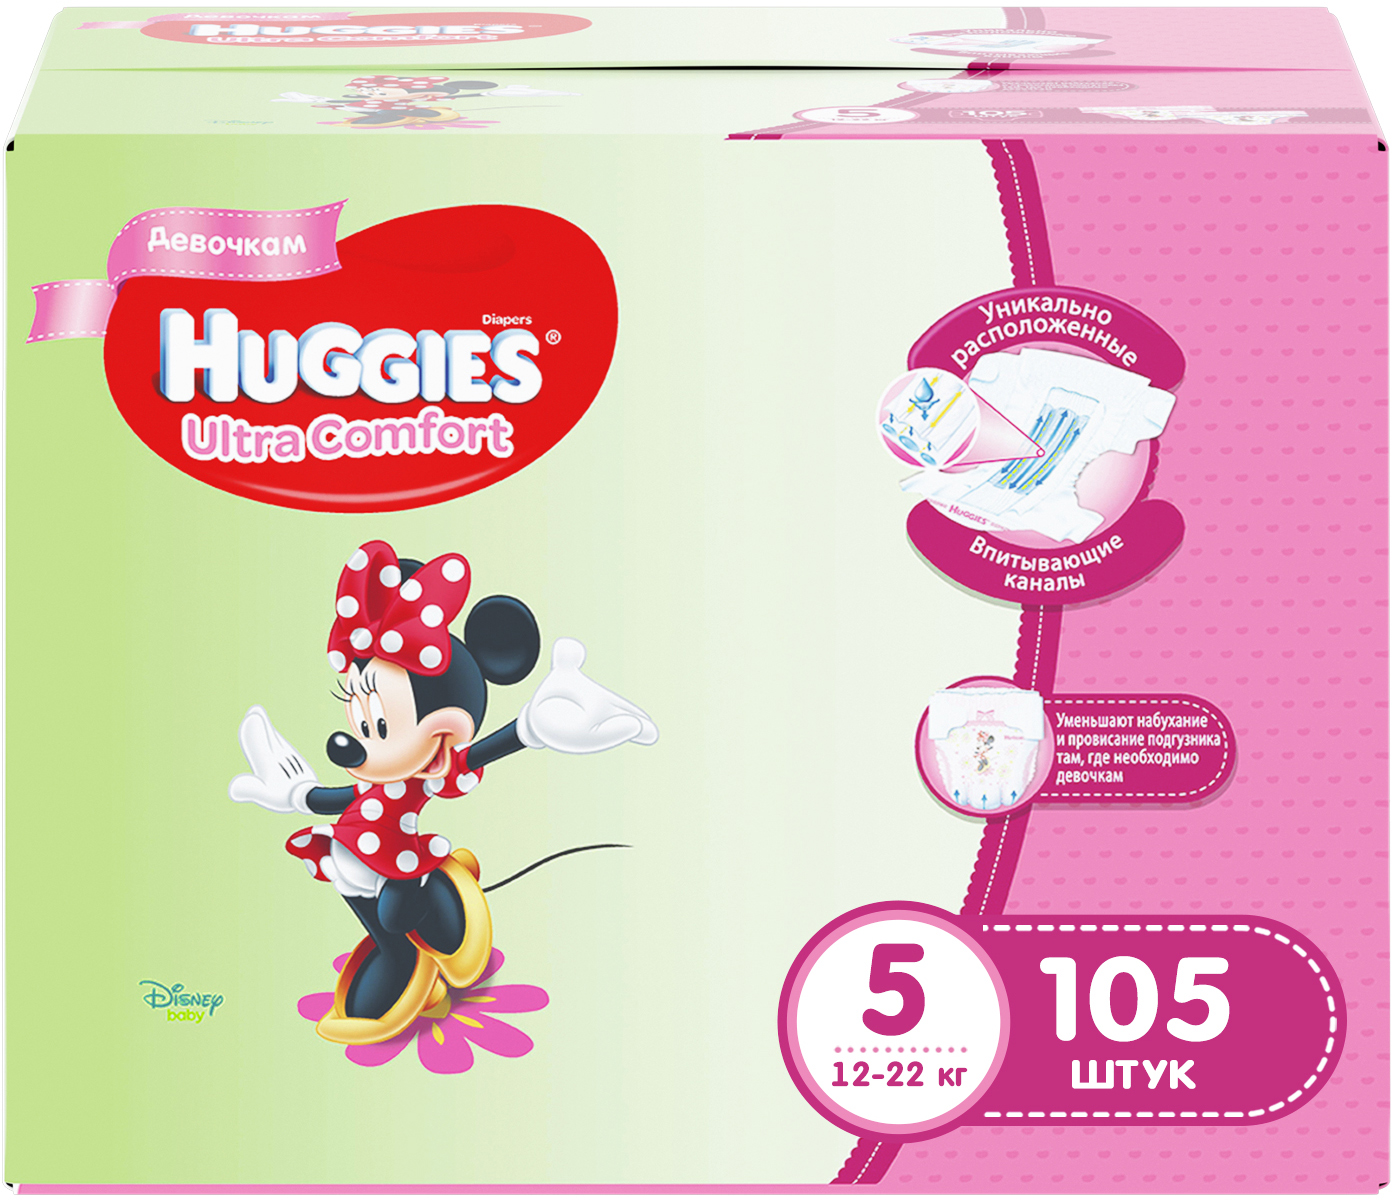 Подгузники Huggies Ultra Comfort для девочек 5 (12-22 кг) 105 шт. подгузники huggies ultra comfort для девочек 5 12 22 кг 105 шт